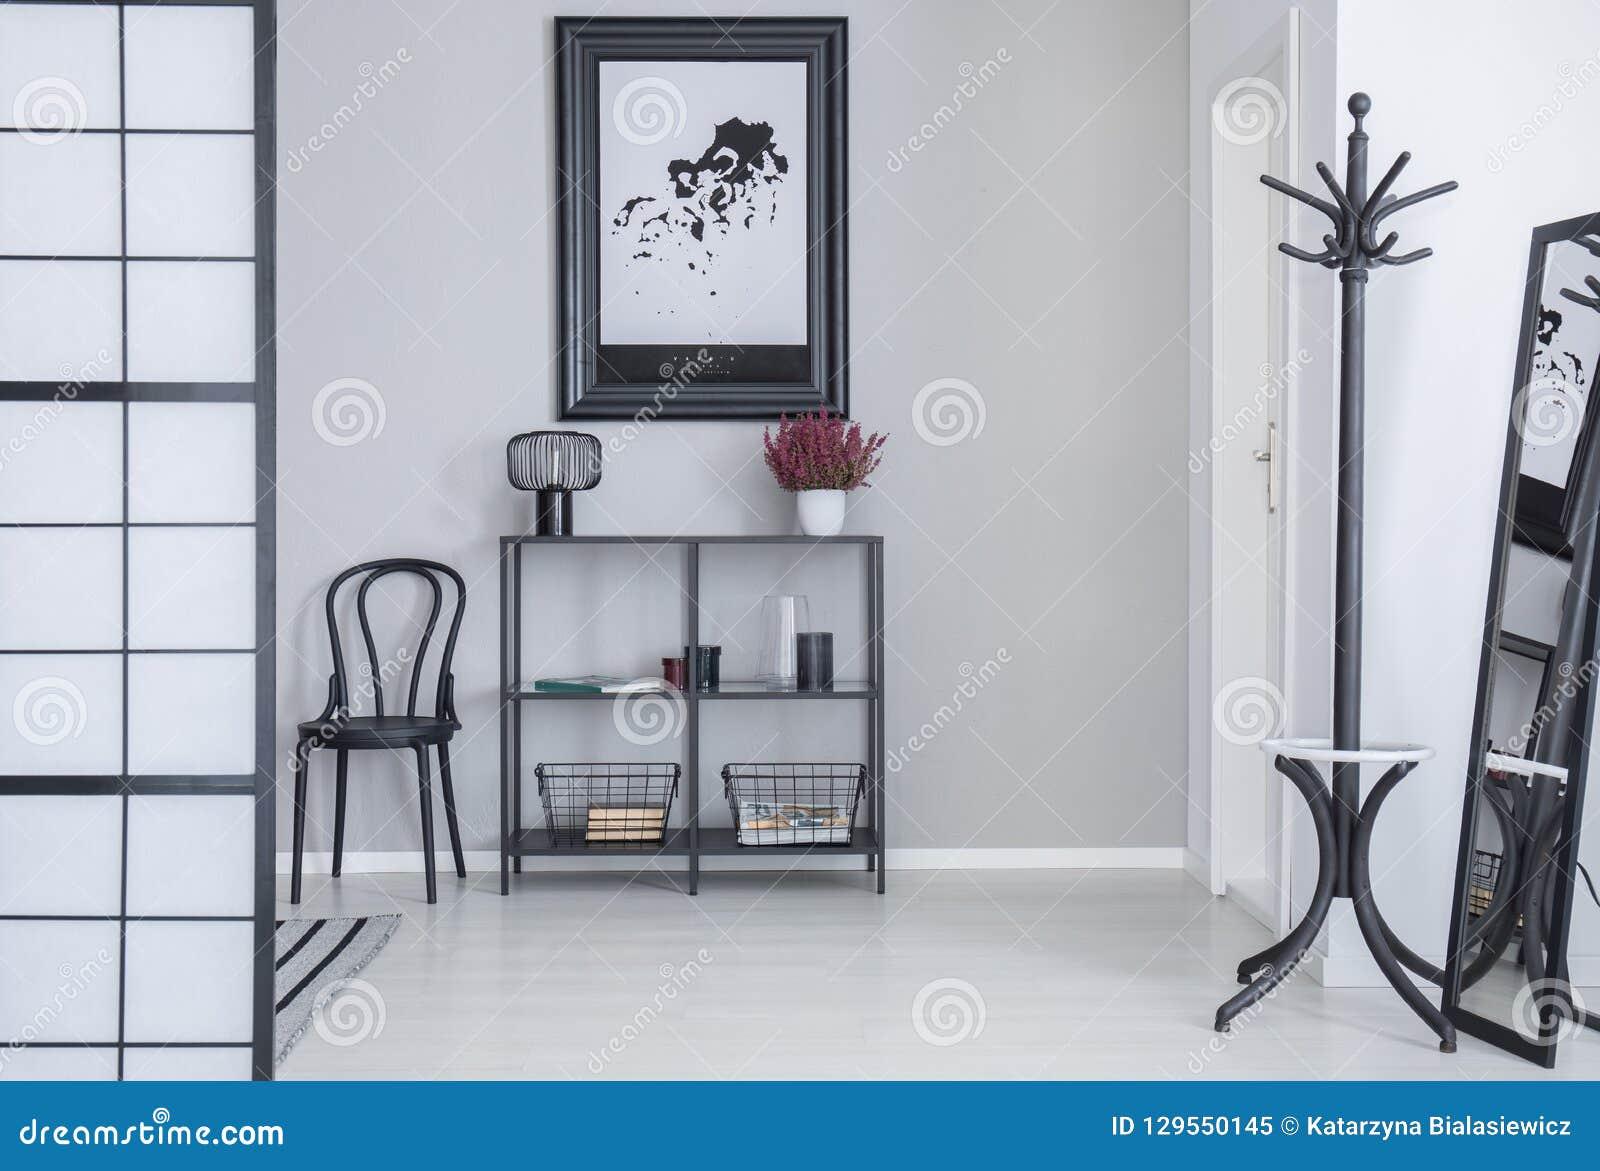 Плакат над полками с цветками и лампой в белом простом интерьере залы со шкафом и черным стулом